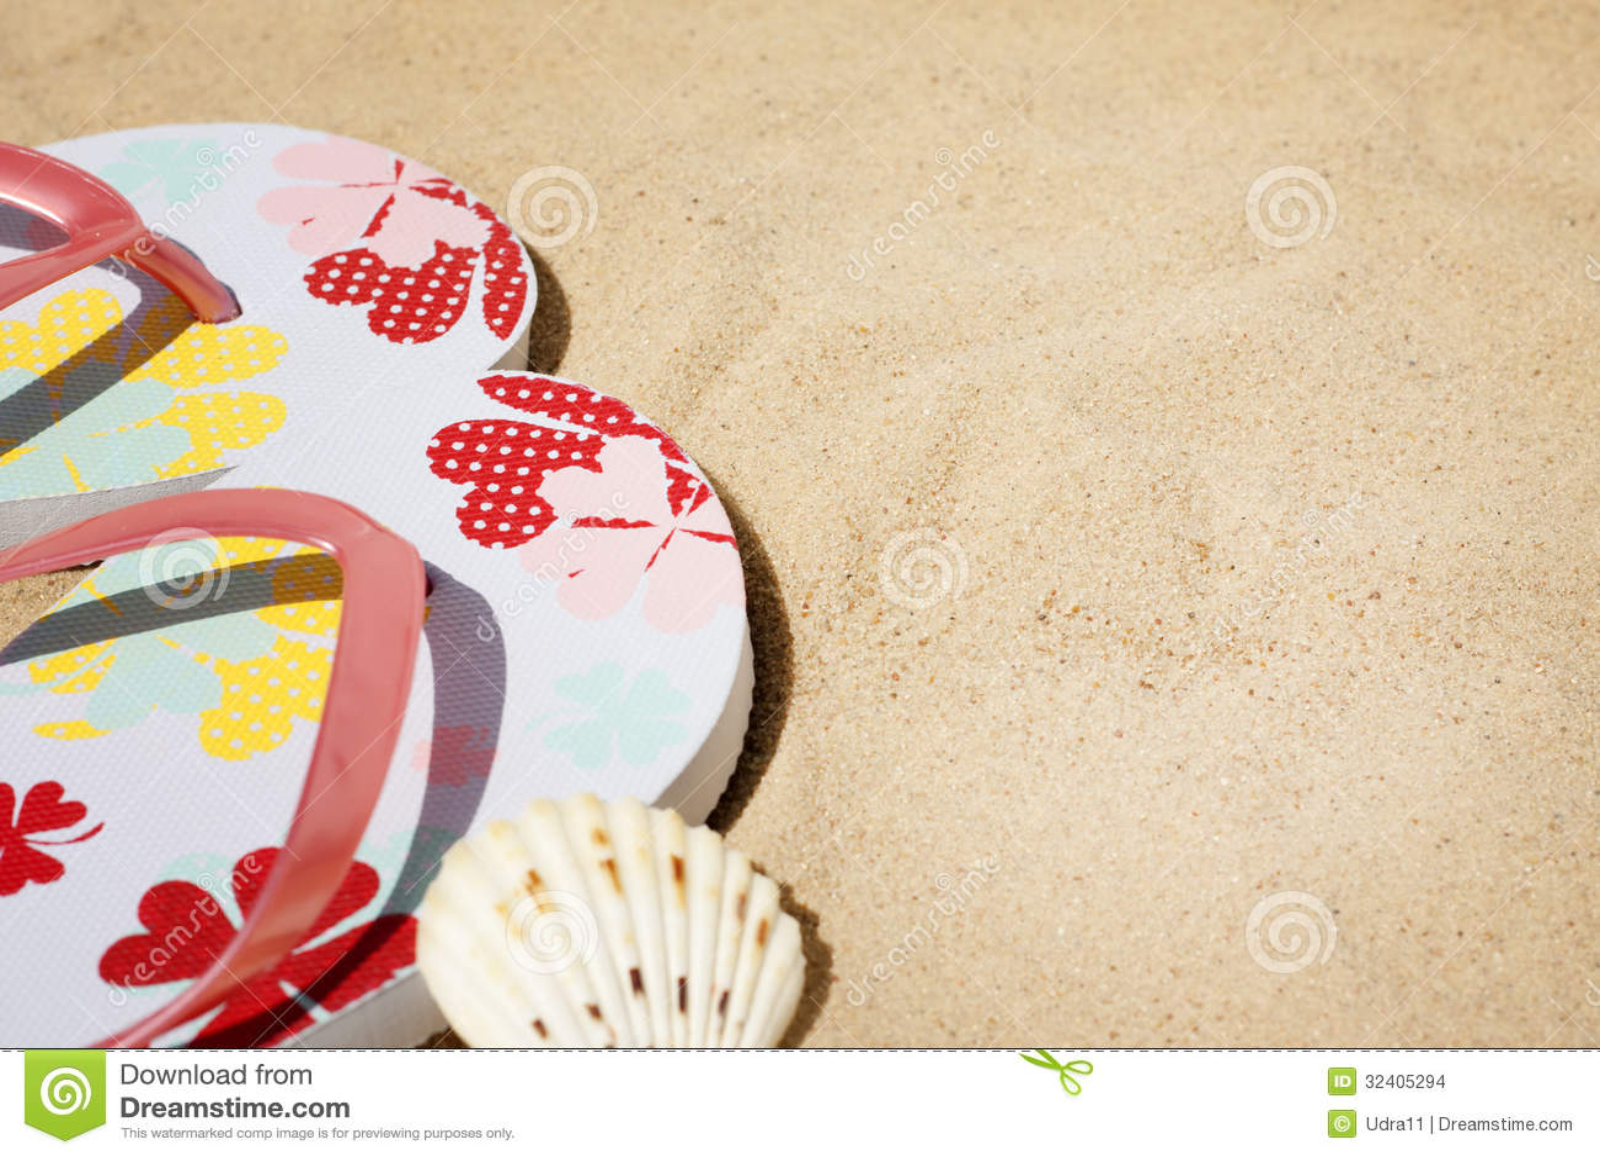 Εν πλω υπόβαθρο διακοπών διακοπών Beachwear